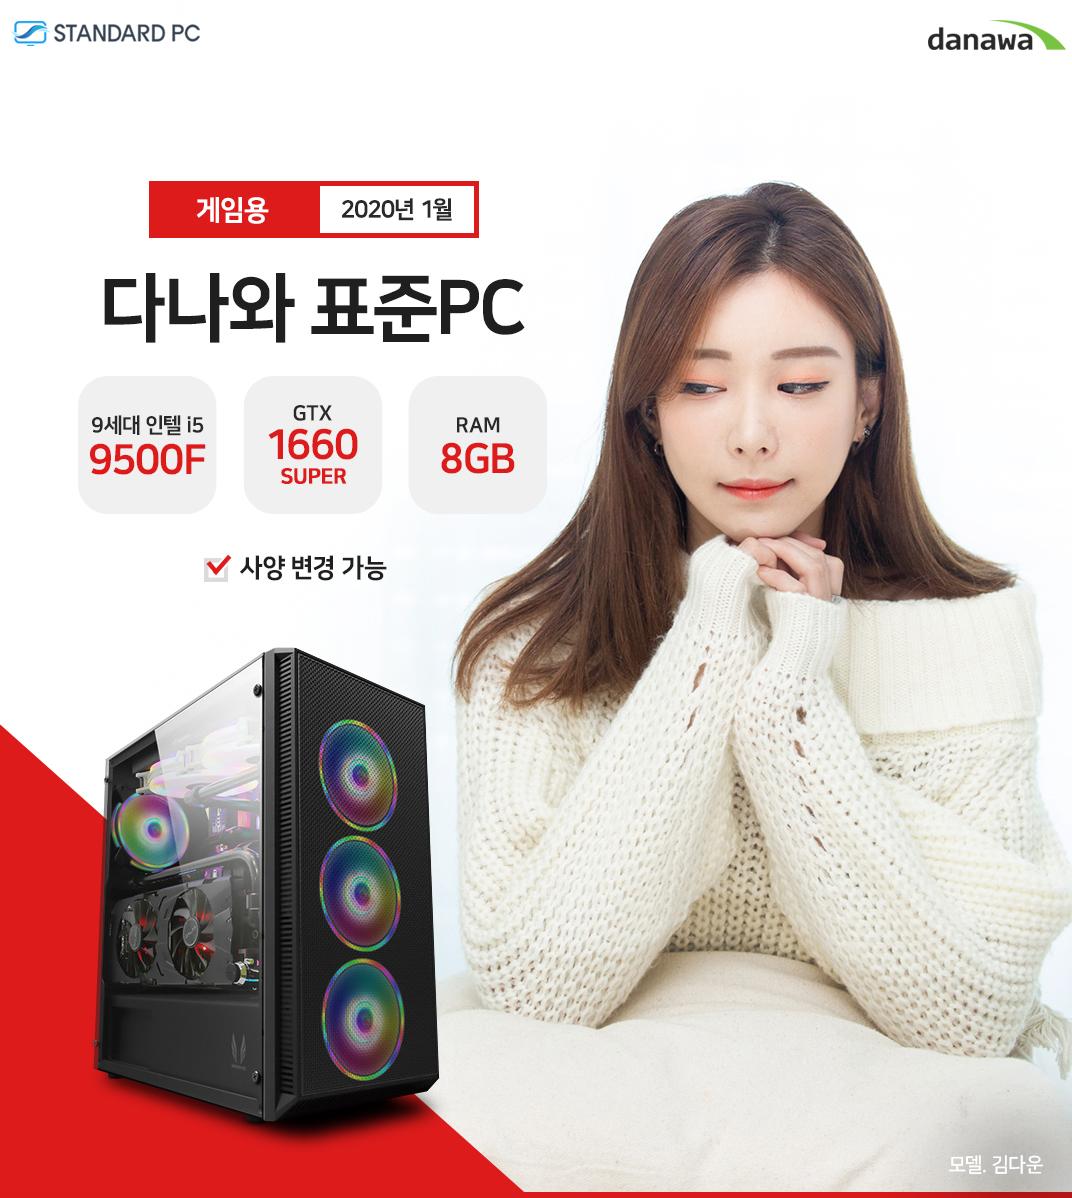 2020년 01월 다나와 표준PC 게임용 인텔 i5-9세대 9500F GTX1660 SUPER RAM 8G 모델 김다운